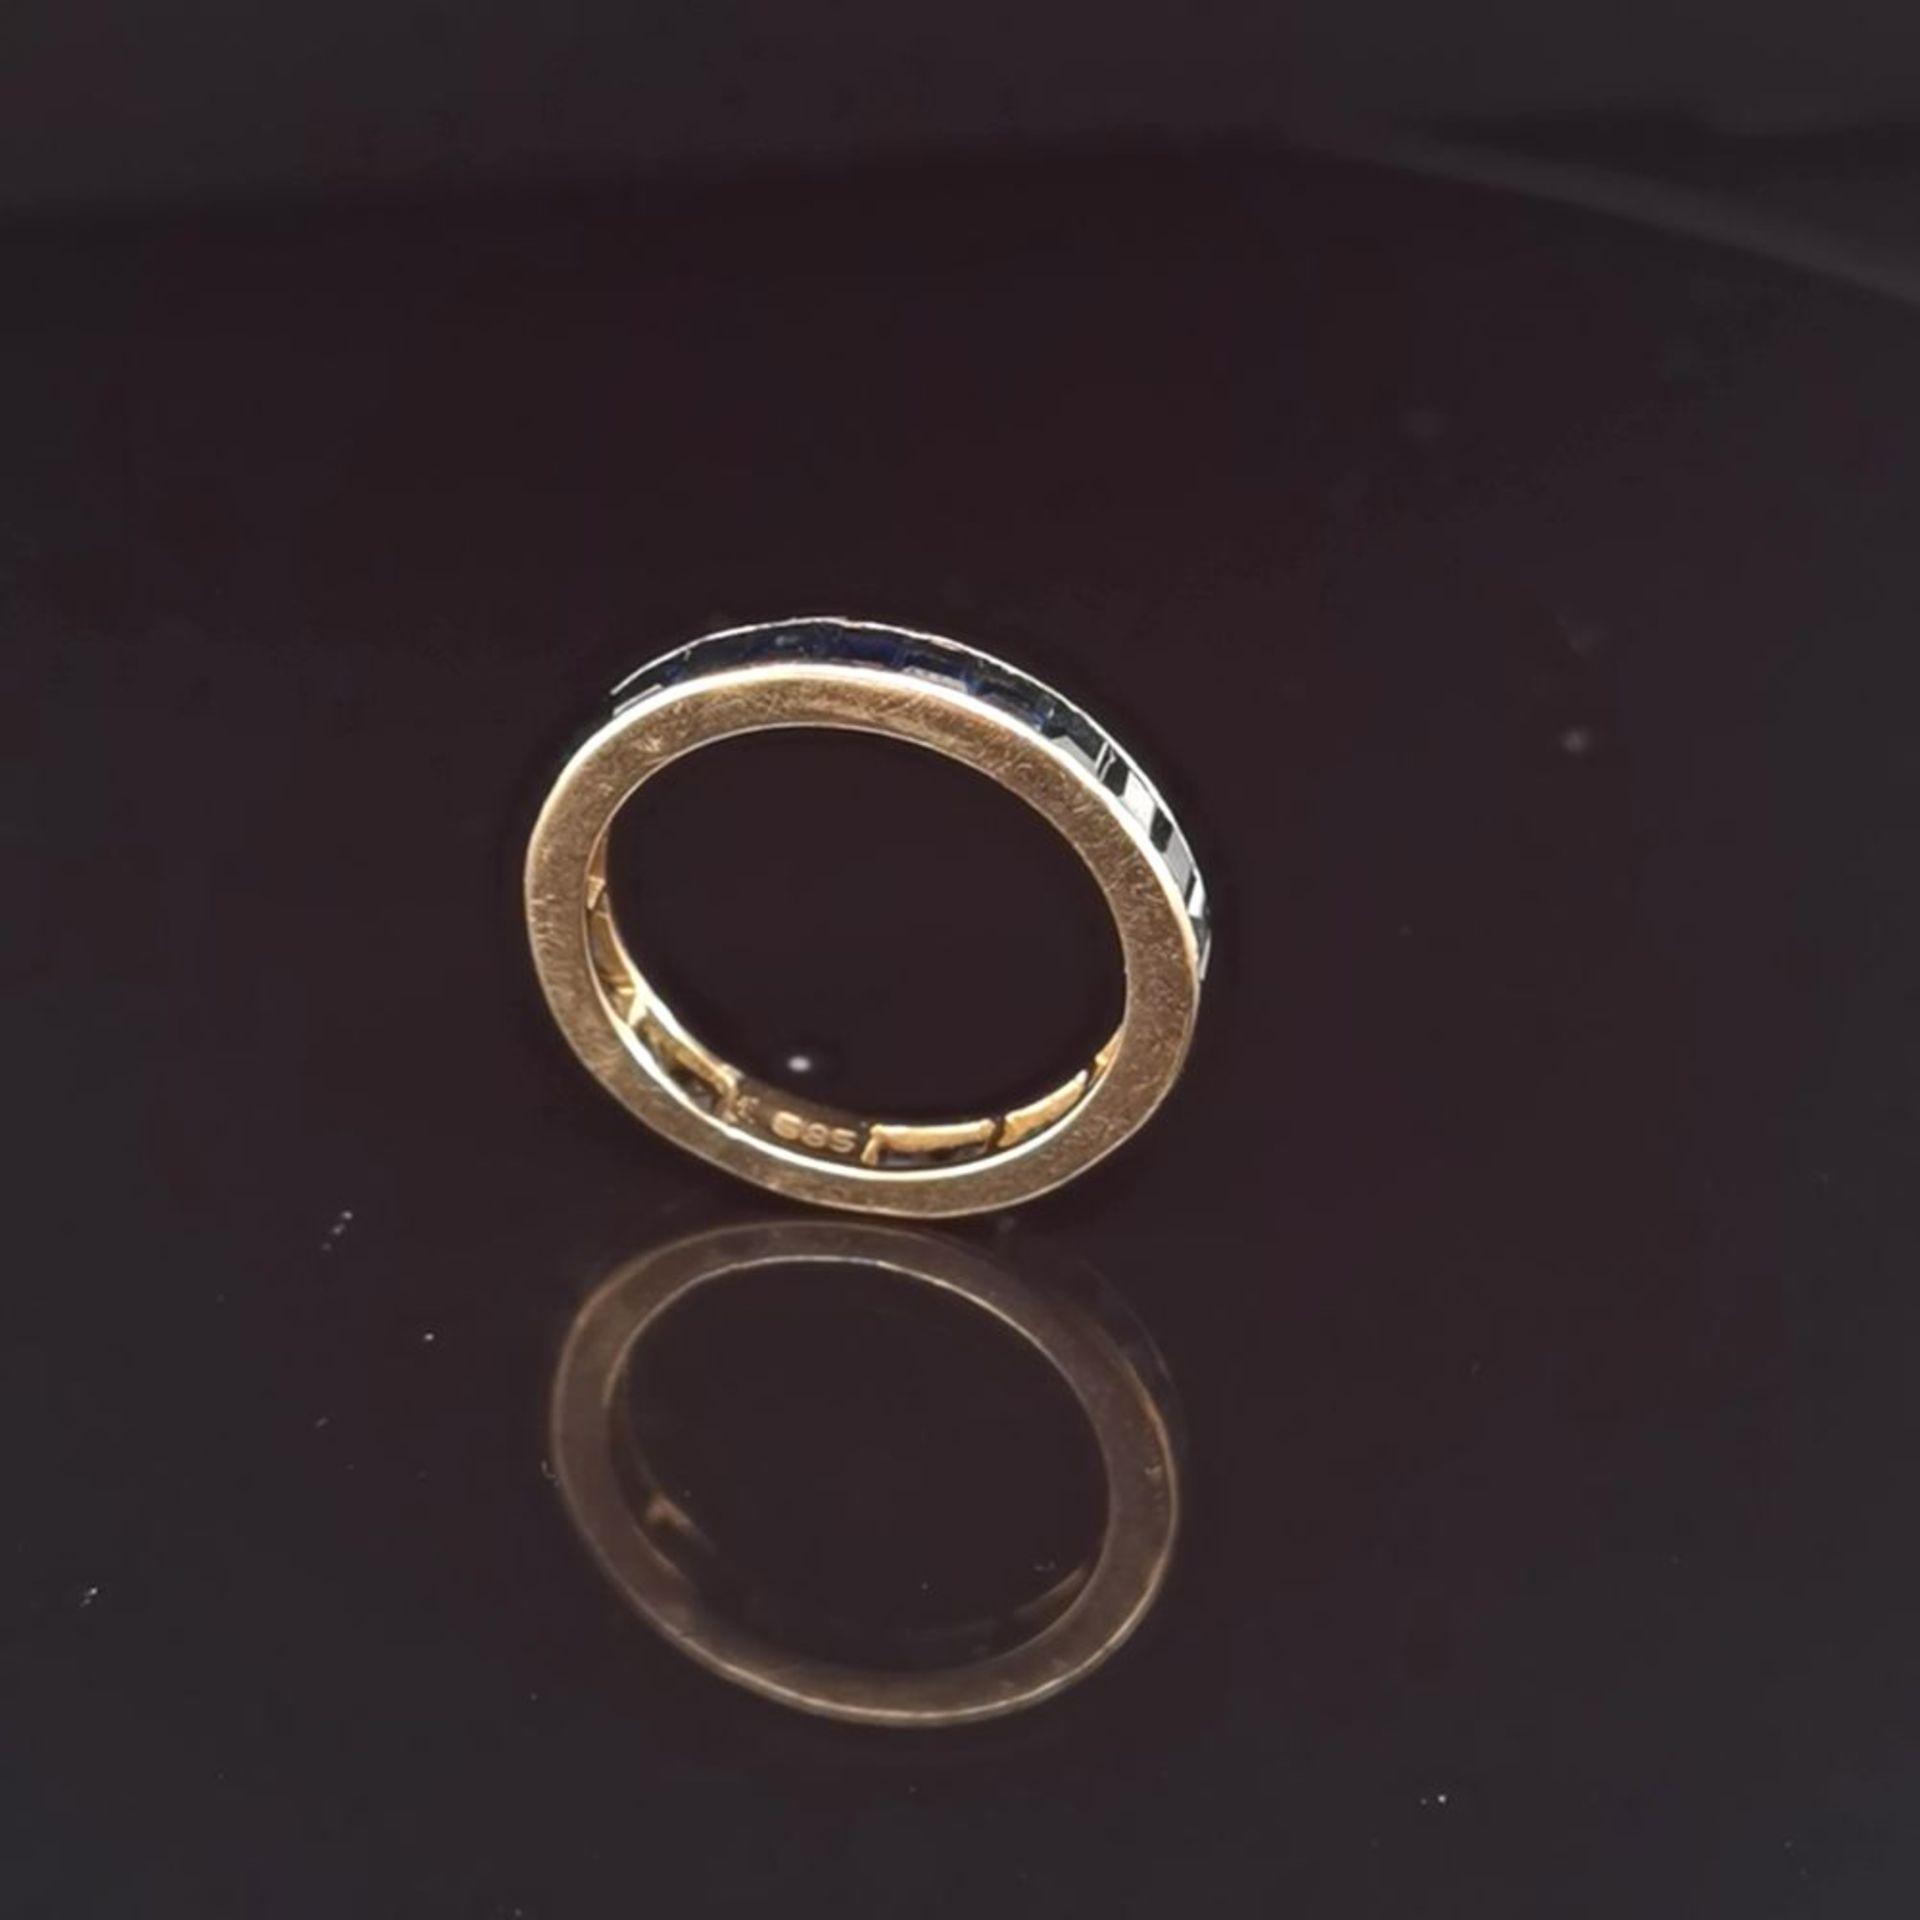 Saphir-Ring, 585 Gold 2,86 - Image 2 of 2